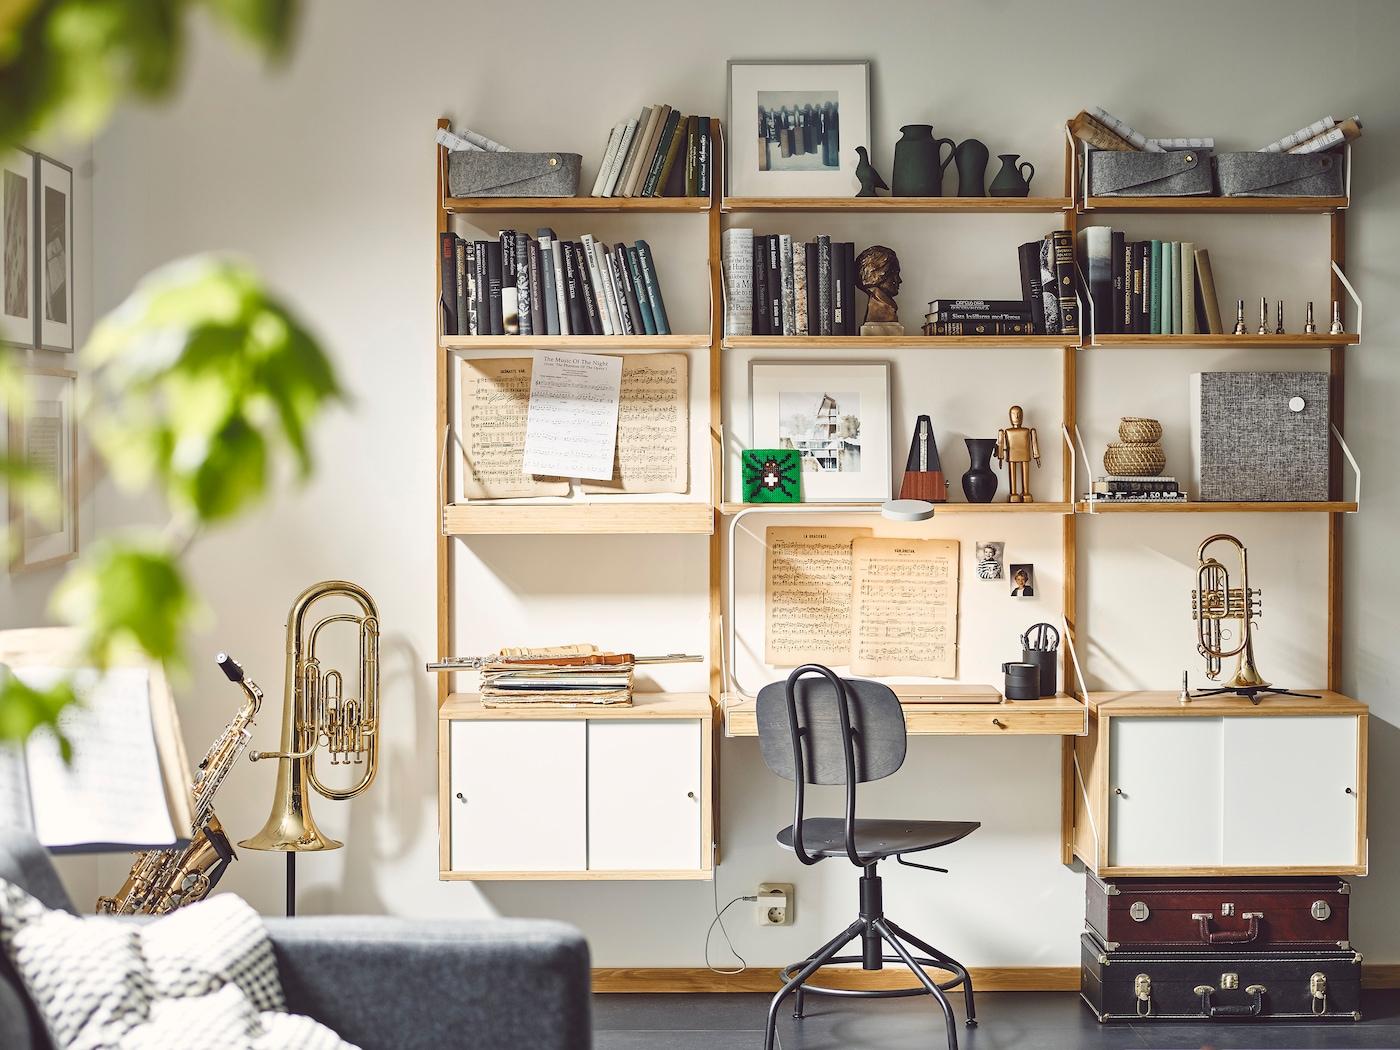 IKEA SVALNÄS vägghylla på en vit vägg i ett vardagsrum. Hyllor och skåp med personliga samlingar och böcker. En skrivbordsstol framför SVALNÄS skrivbordsskiva.